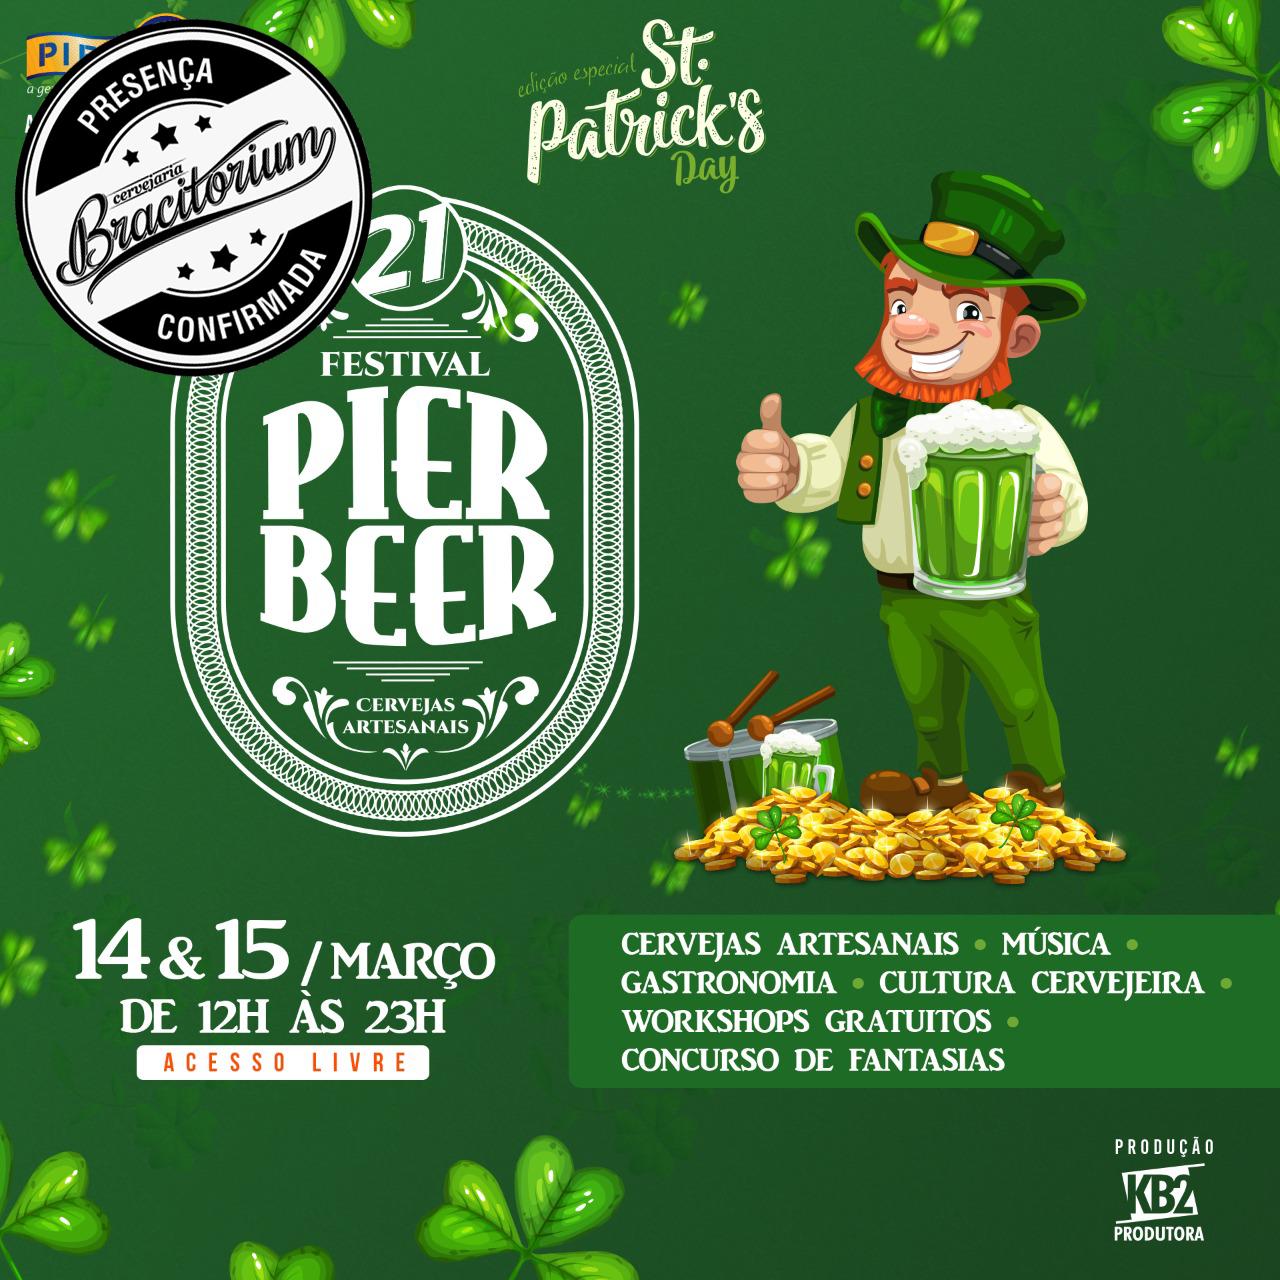 /Festival Pier Beer